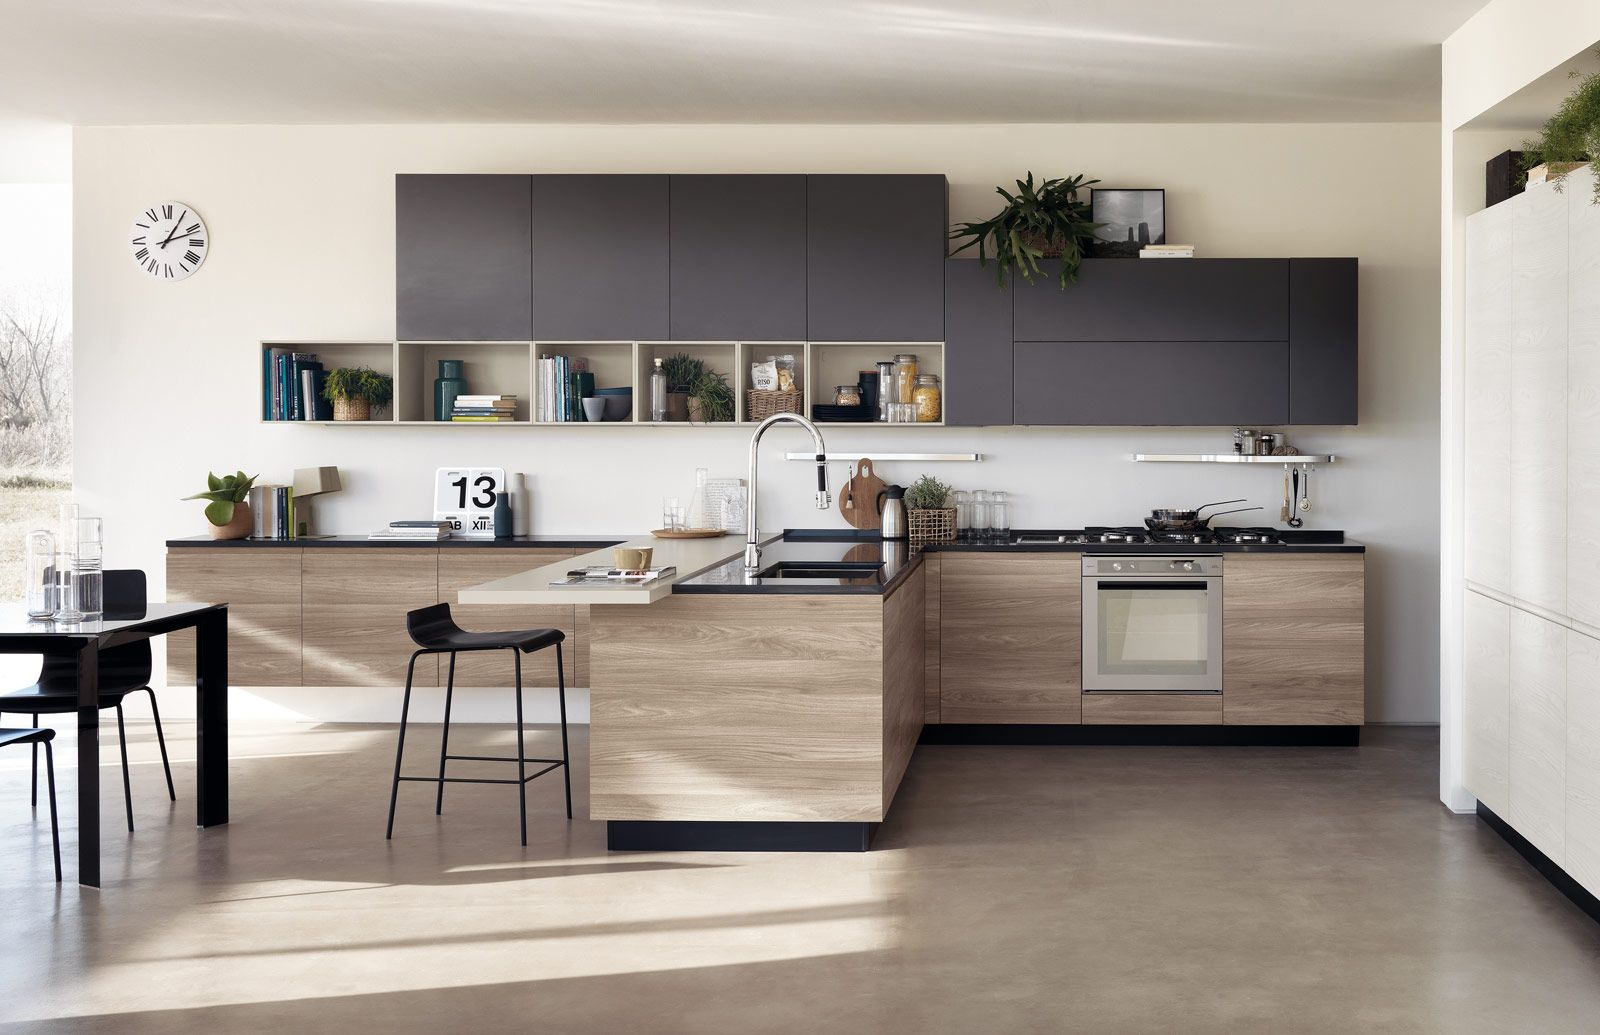 Cucine effetto legno per un ambiente caldo ed elegante | Kitchens ...